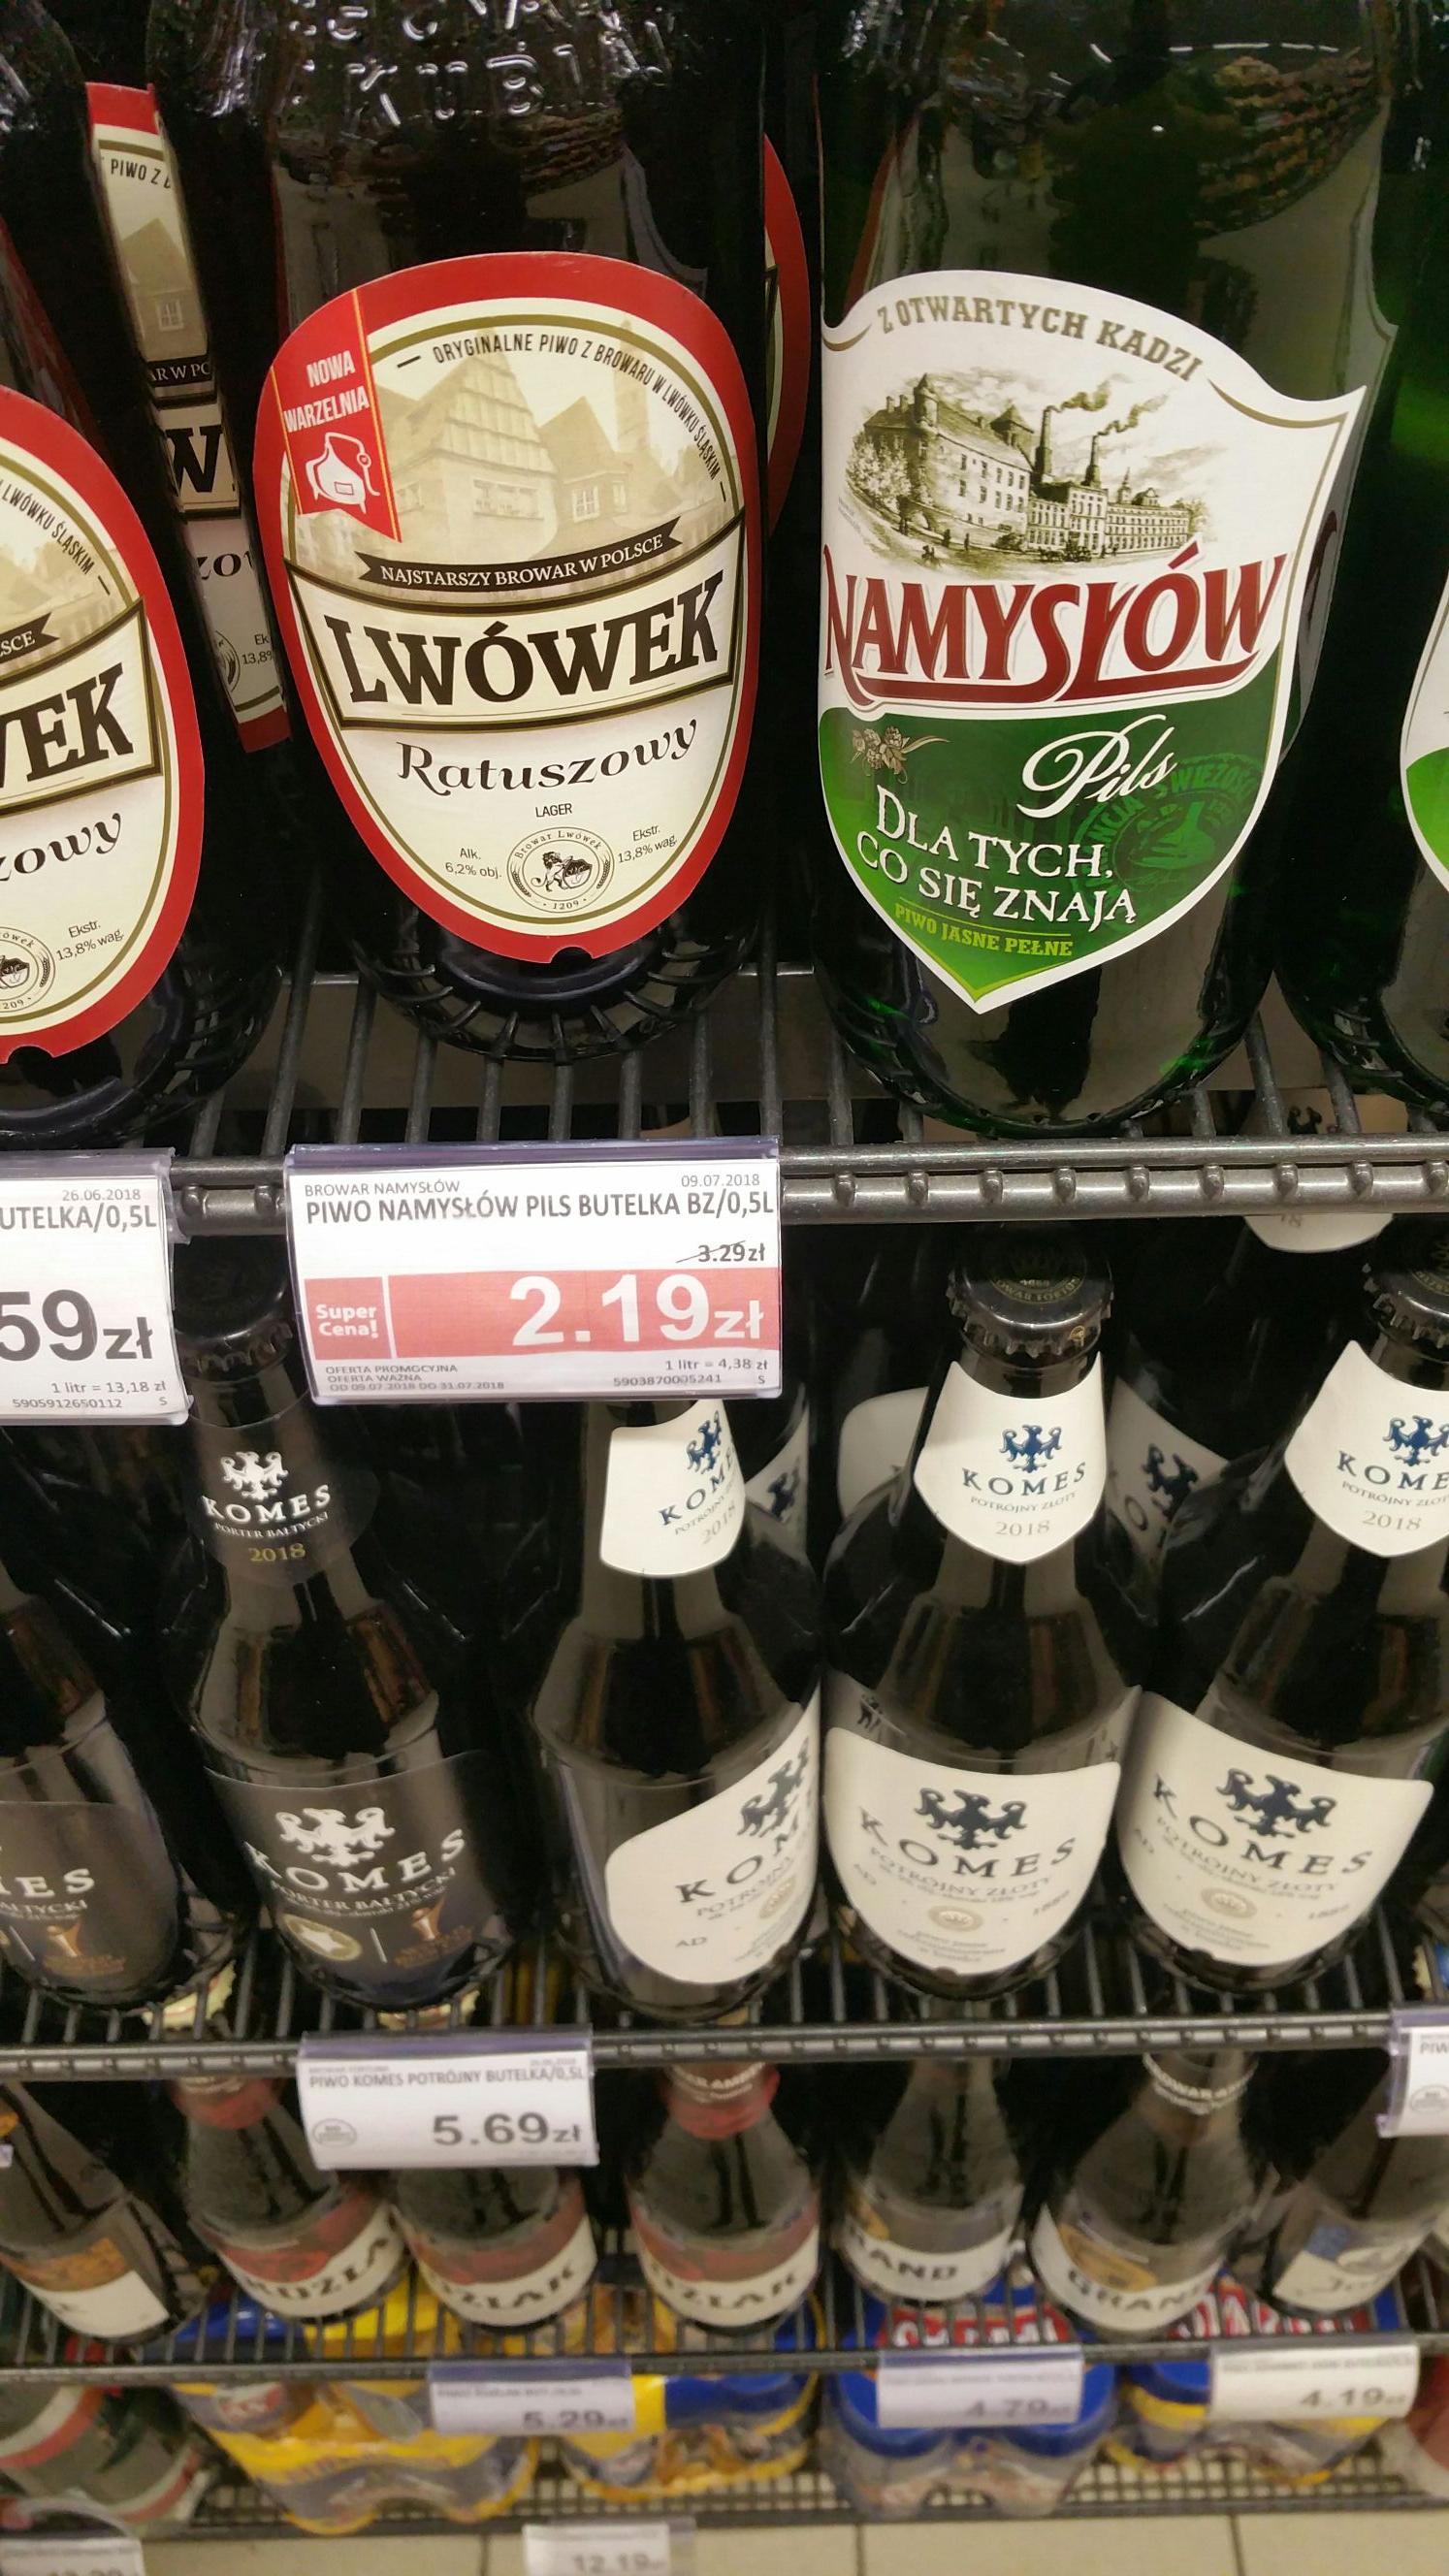 Namysłów 0,5l butelka za 2,19 w Piotr i Paweł